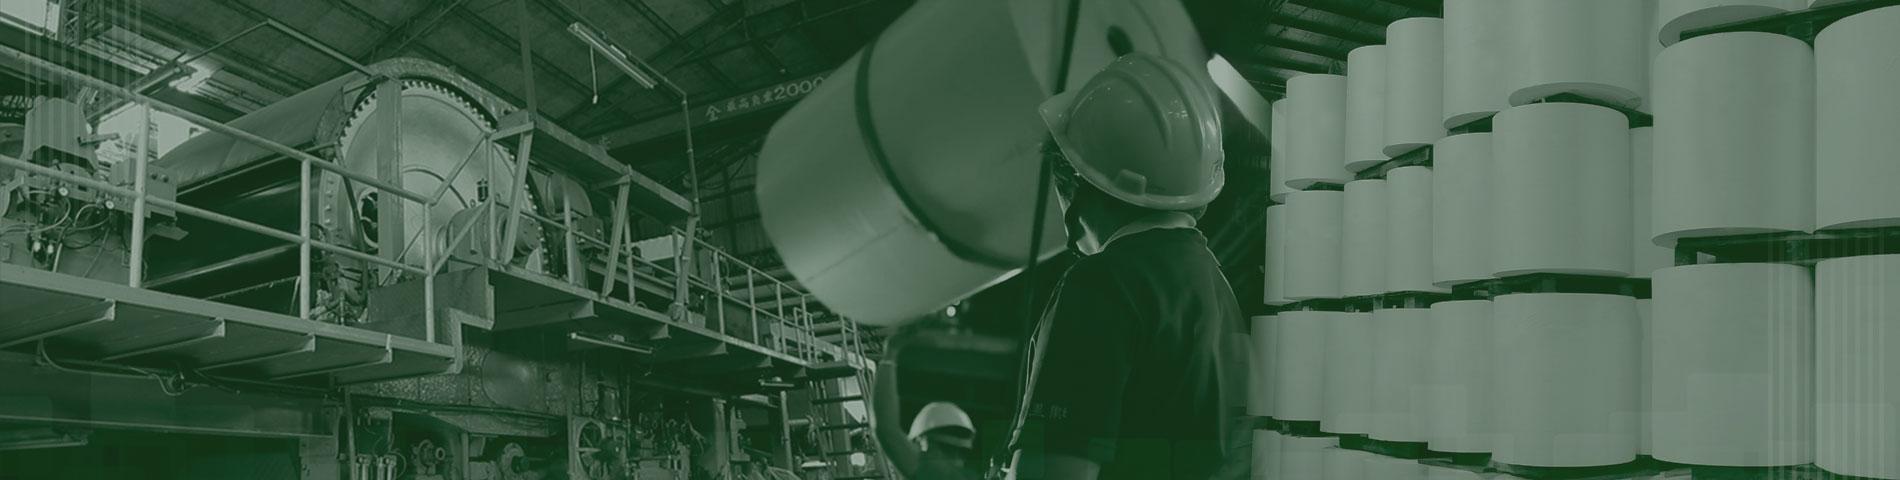 Puli Paper Company Производитель специальной бумаги